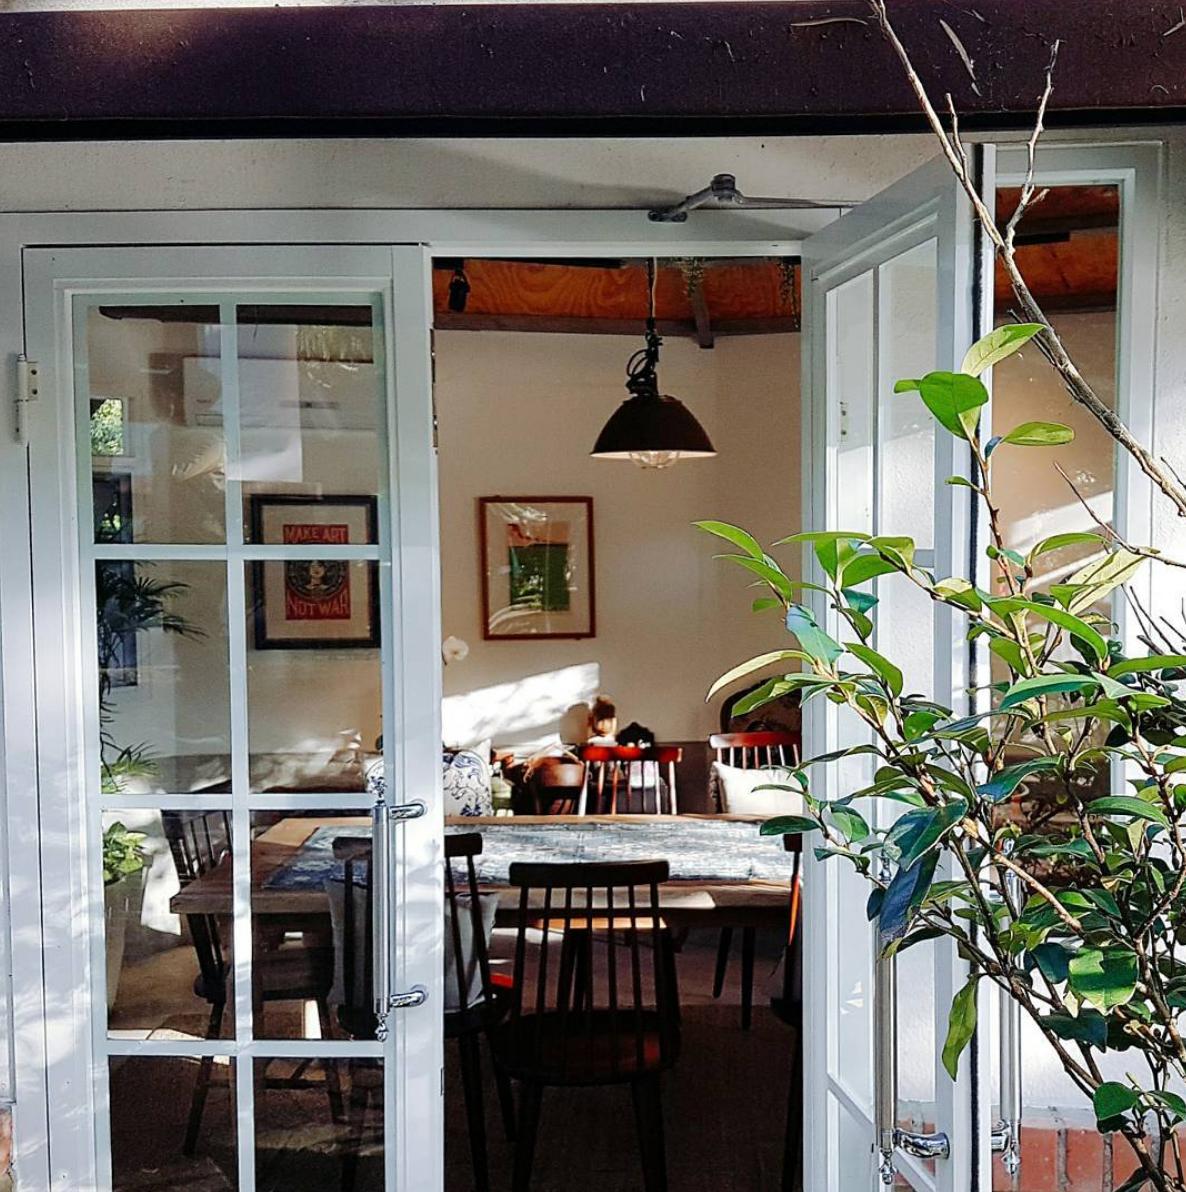 Living Cabin - Enjoy the Cozy Living Taste